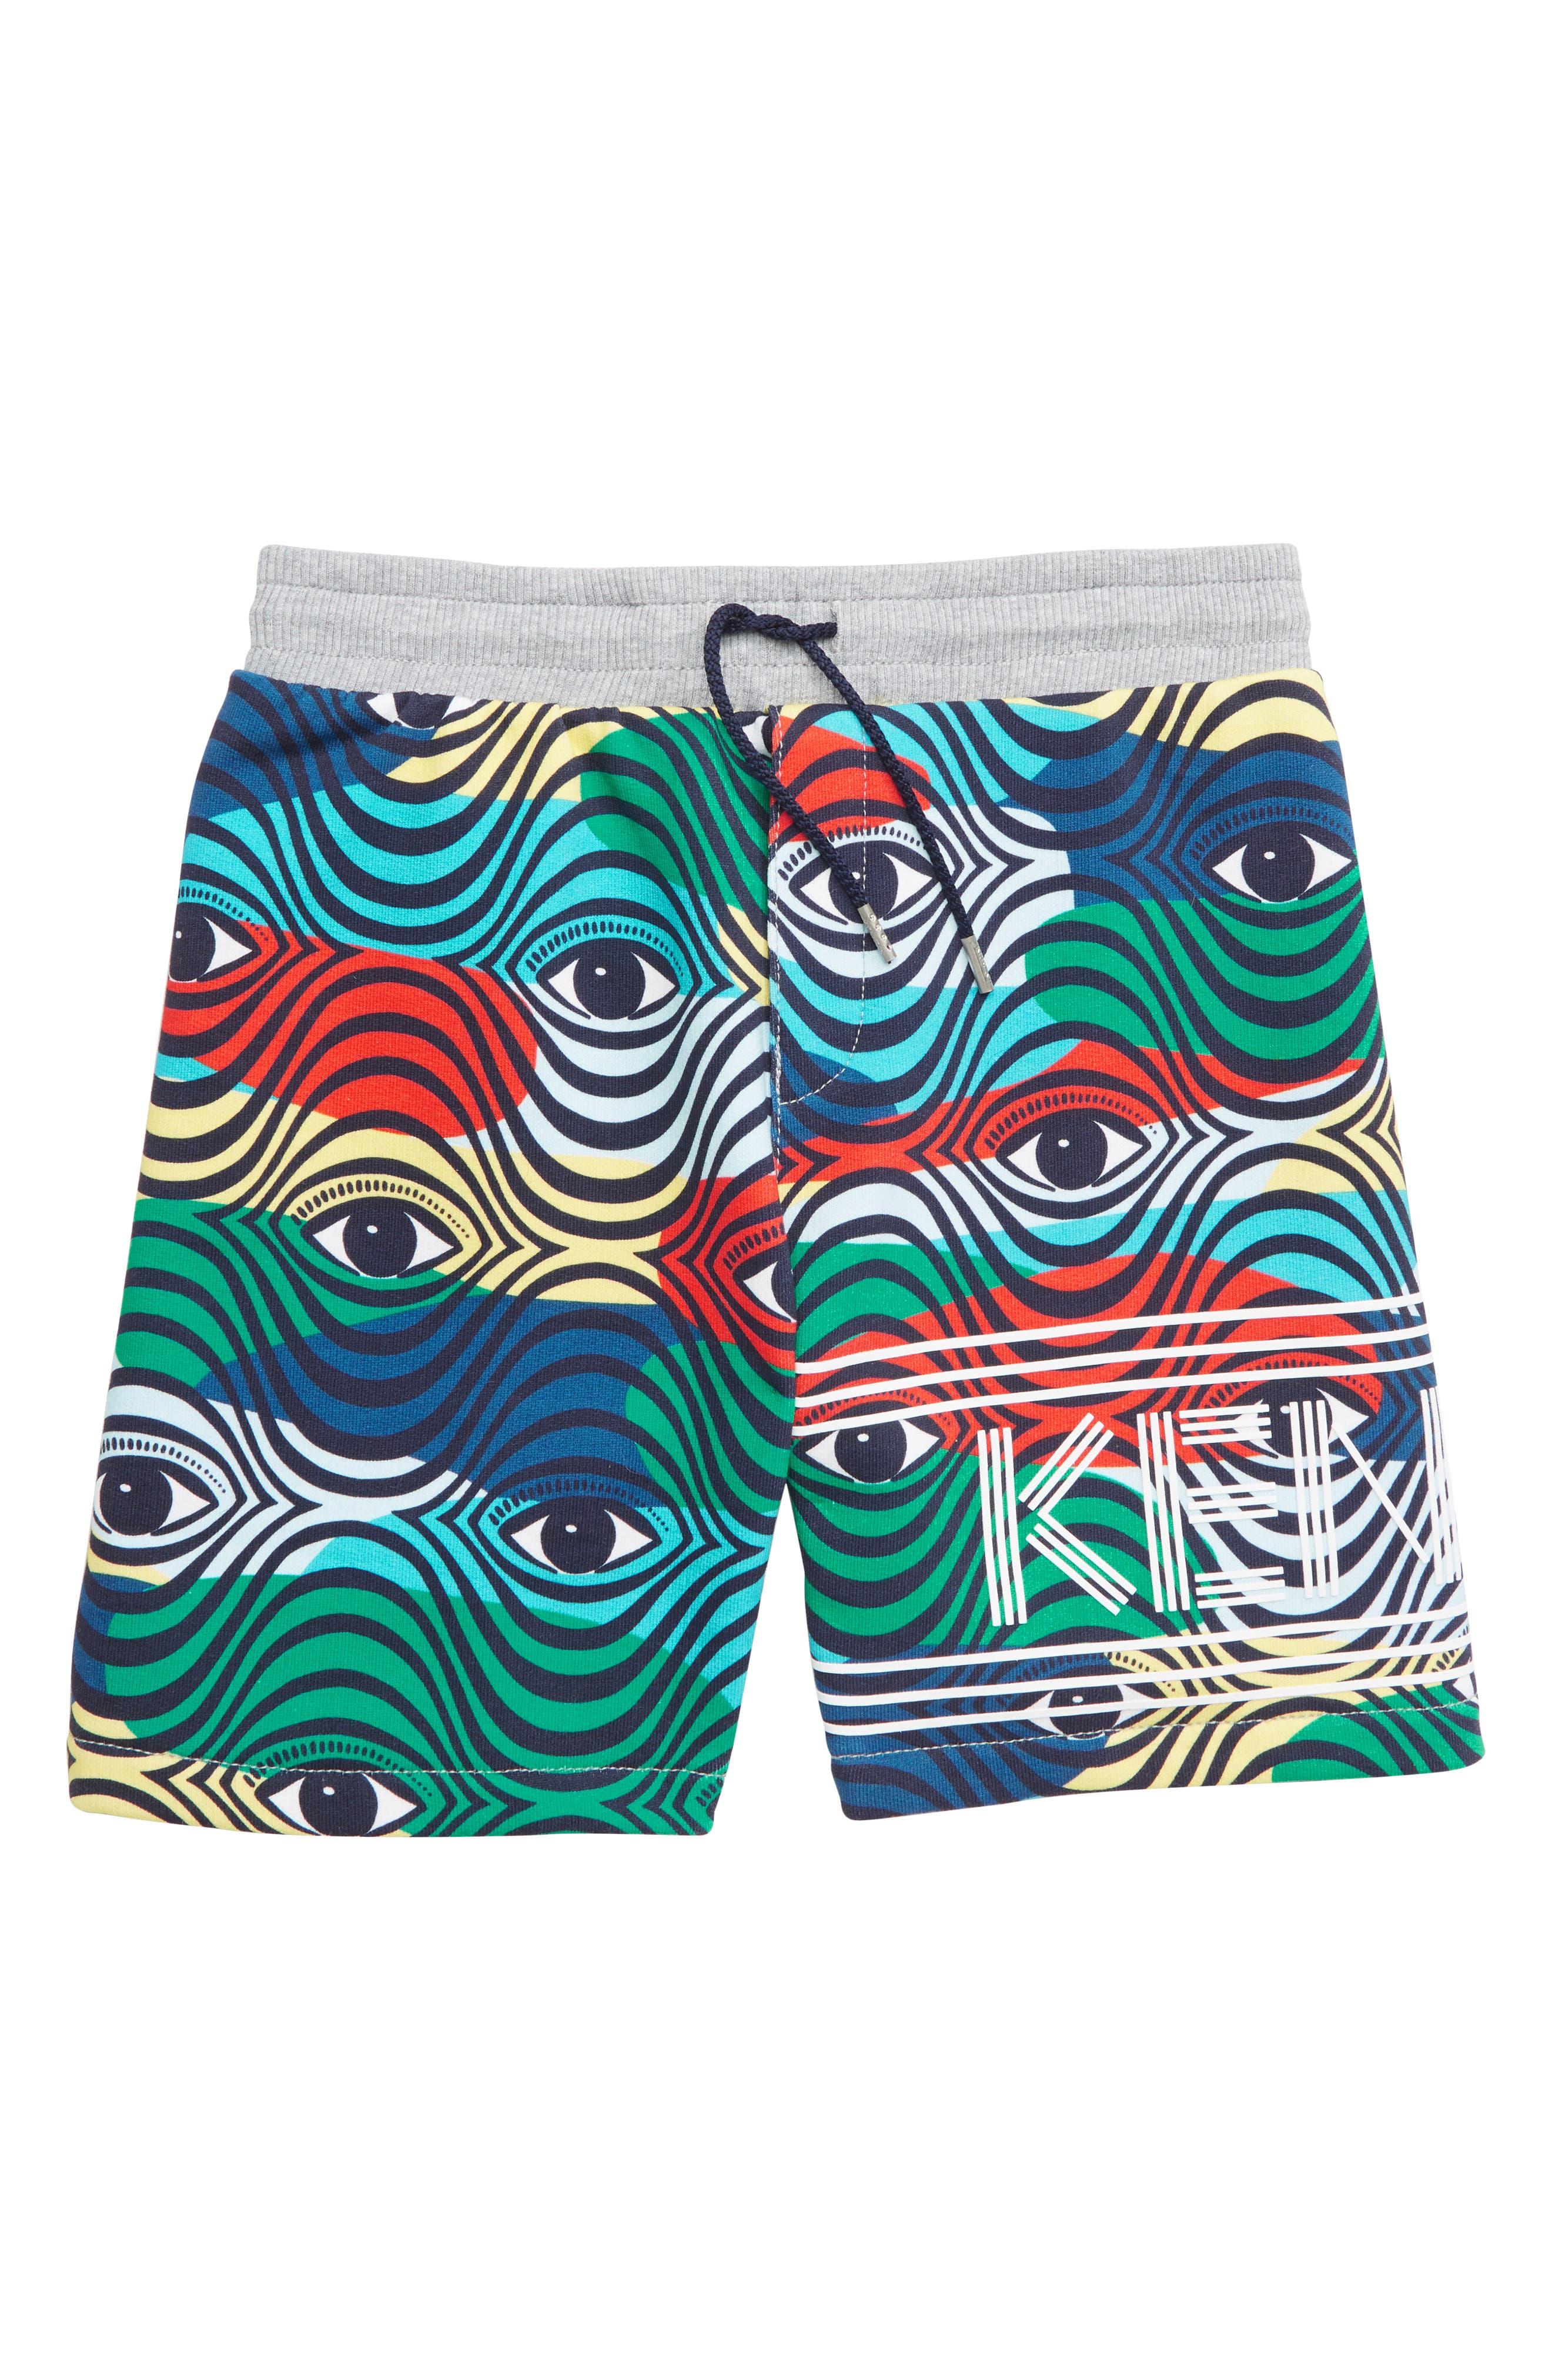 KENZO,                             Print Fleece Bermuda Shorts,                             Main thumbnail 1, color,                             MULTICOLORED